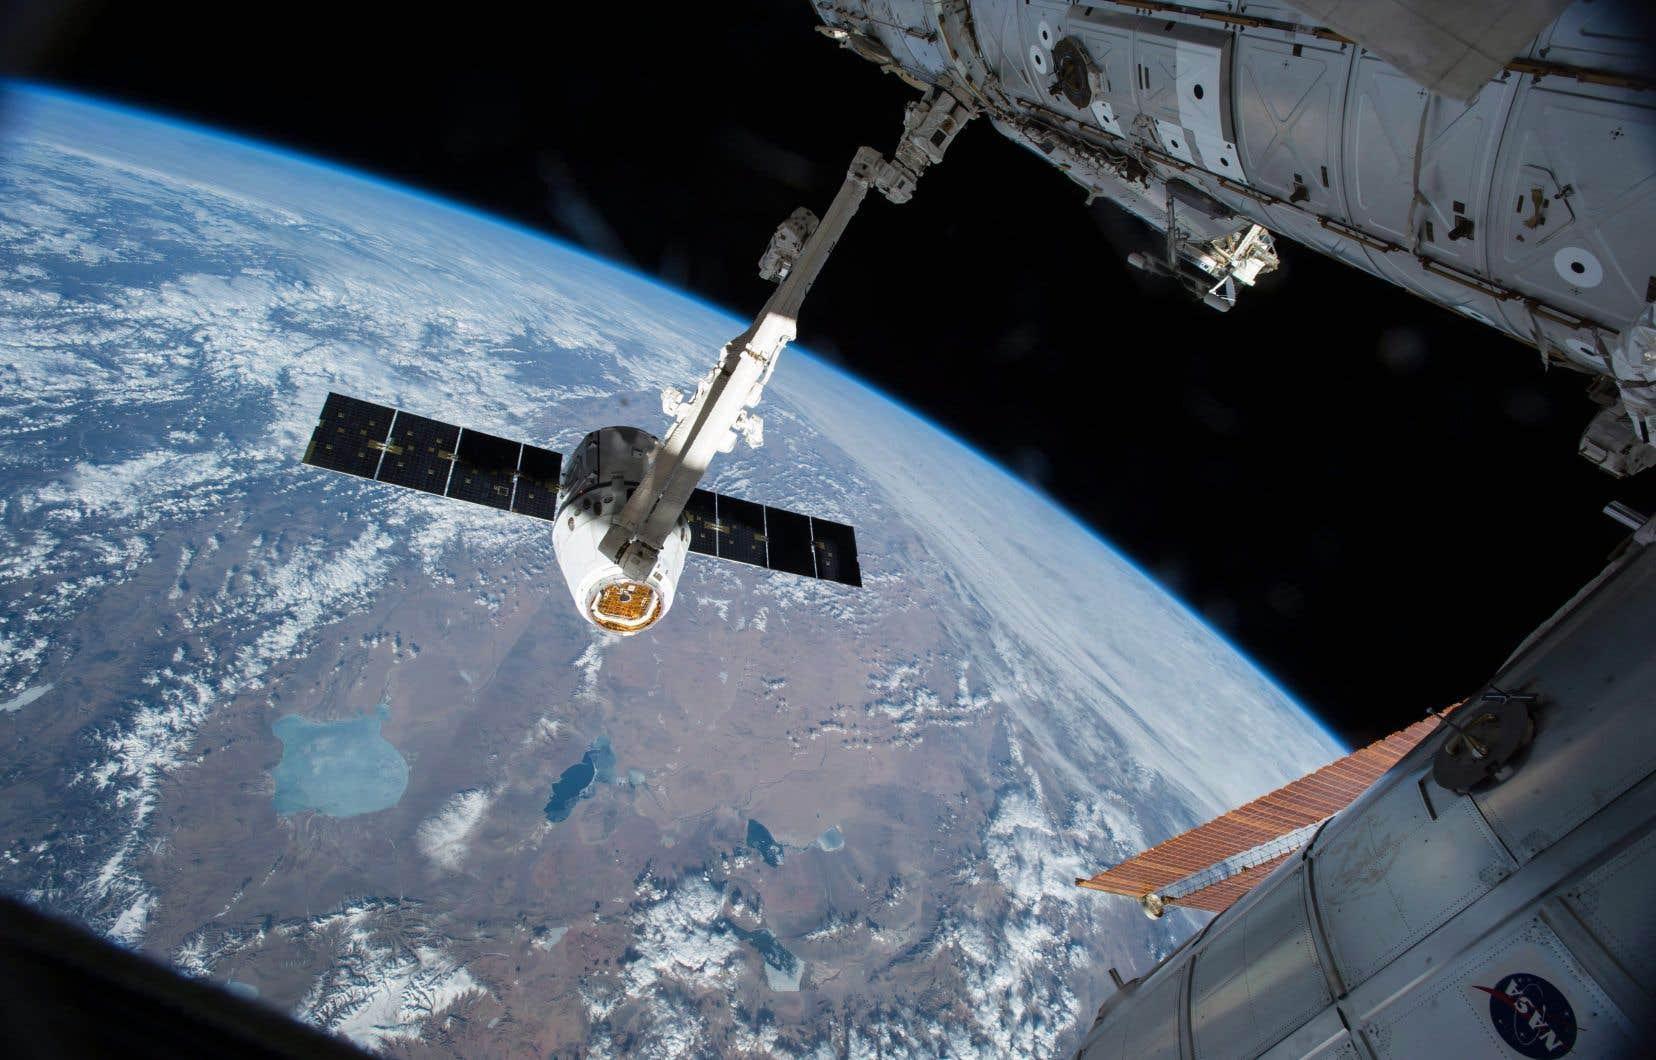 MDA est passée d'une «start-up»établie en Colombie-Britannique à une entreprise de technologie spatiale de classe mondiale et à un point d'ancrage du programme spatial canadien.